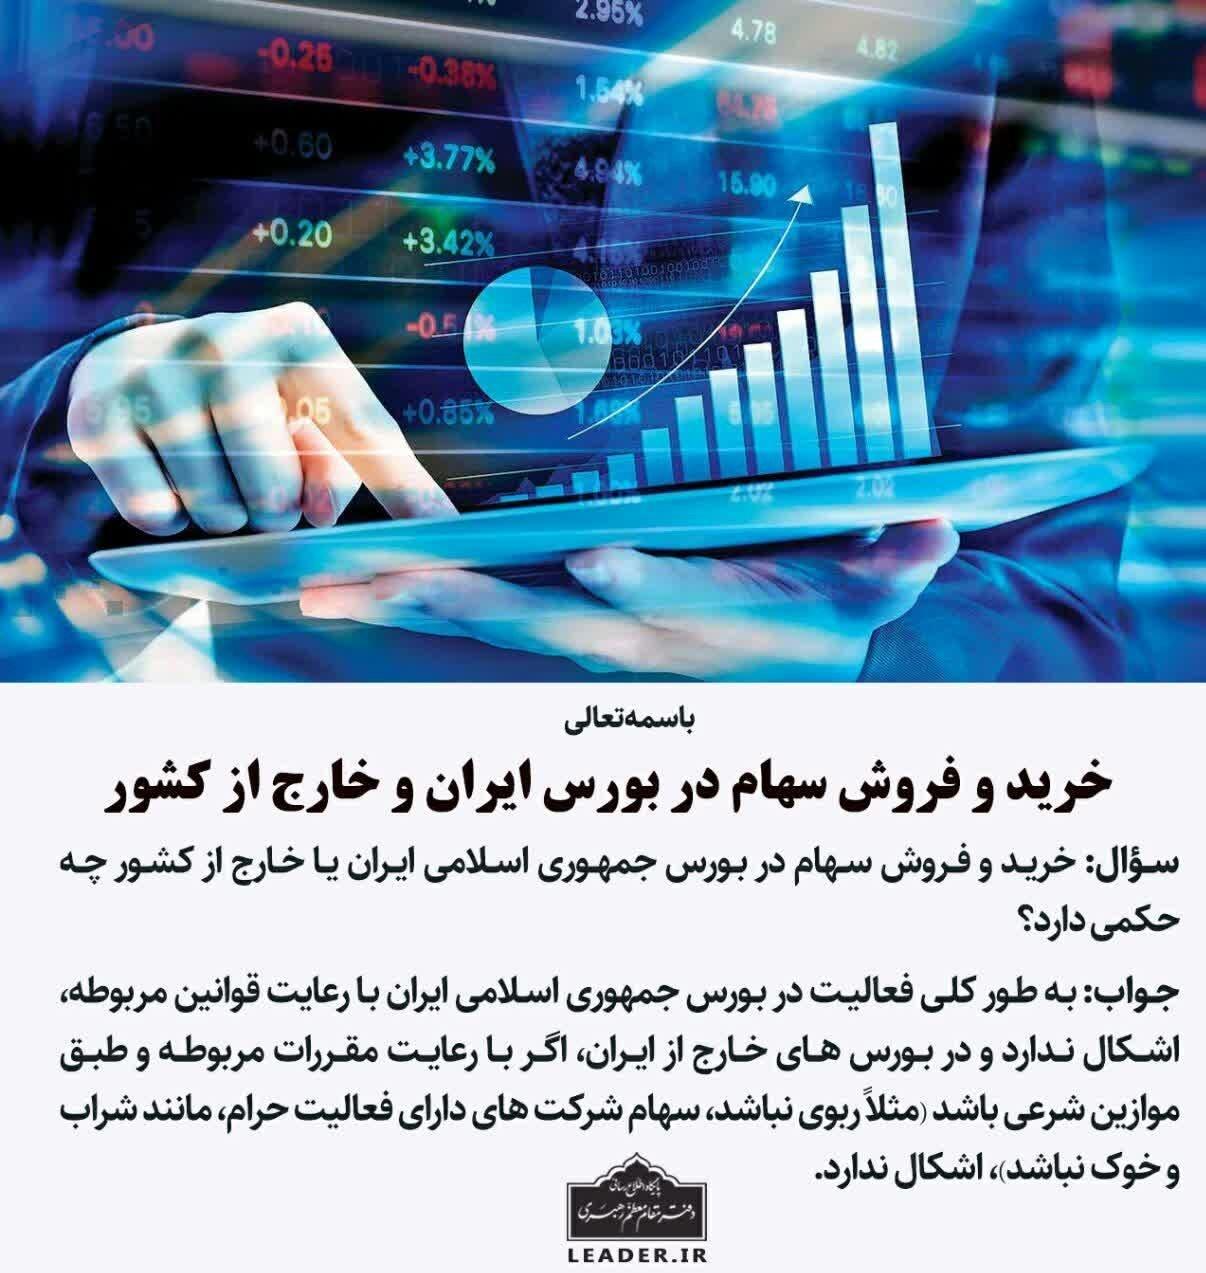 حکم رهبر انقلاب درباره خرید و فروش سهام در بورس